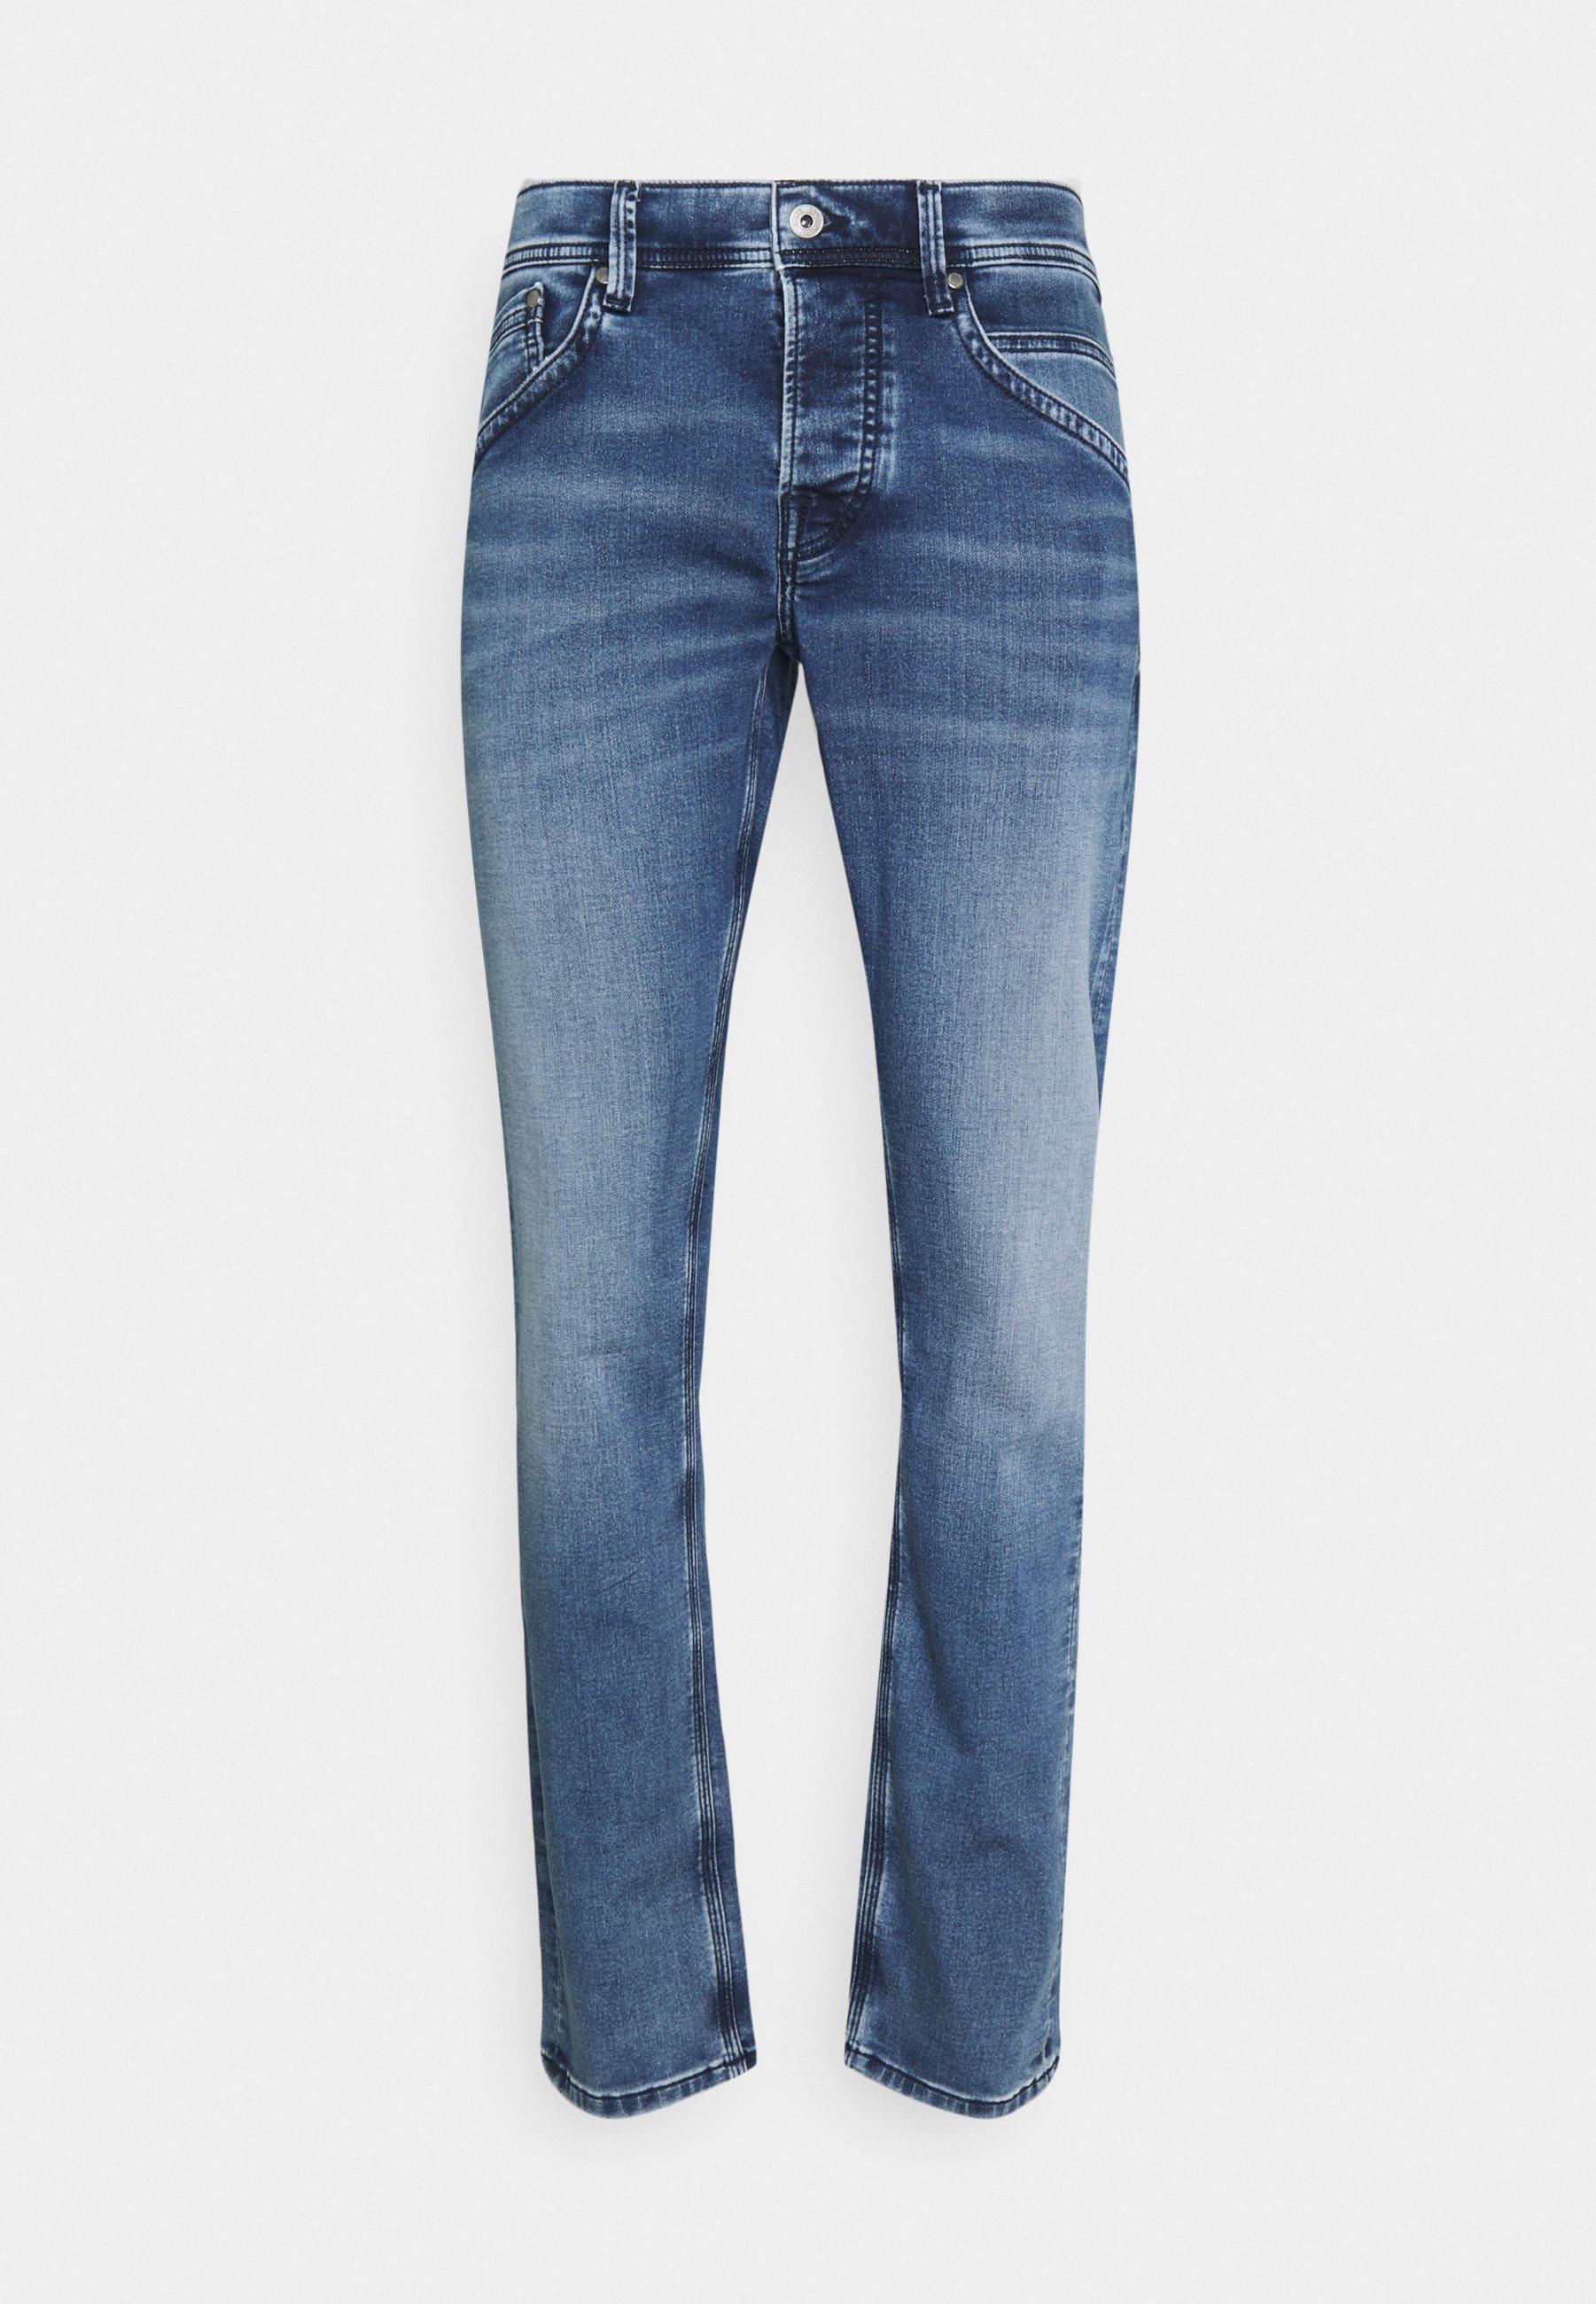 Uomo GYMDIGO - Jeans slim fit